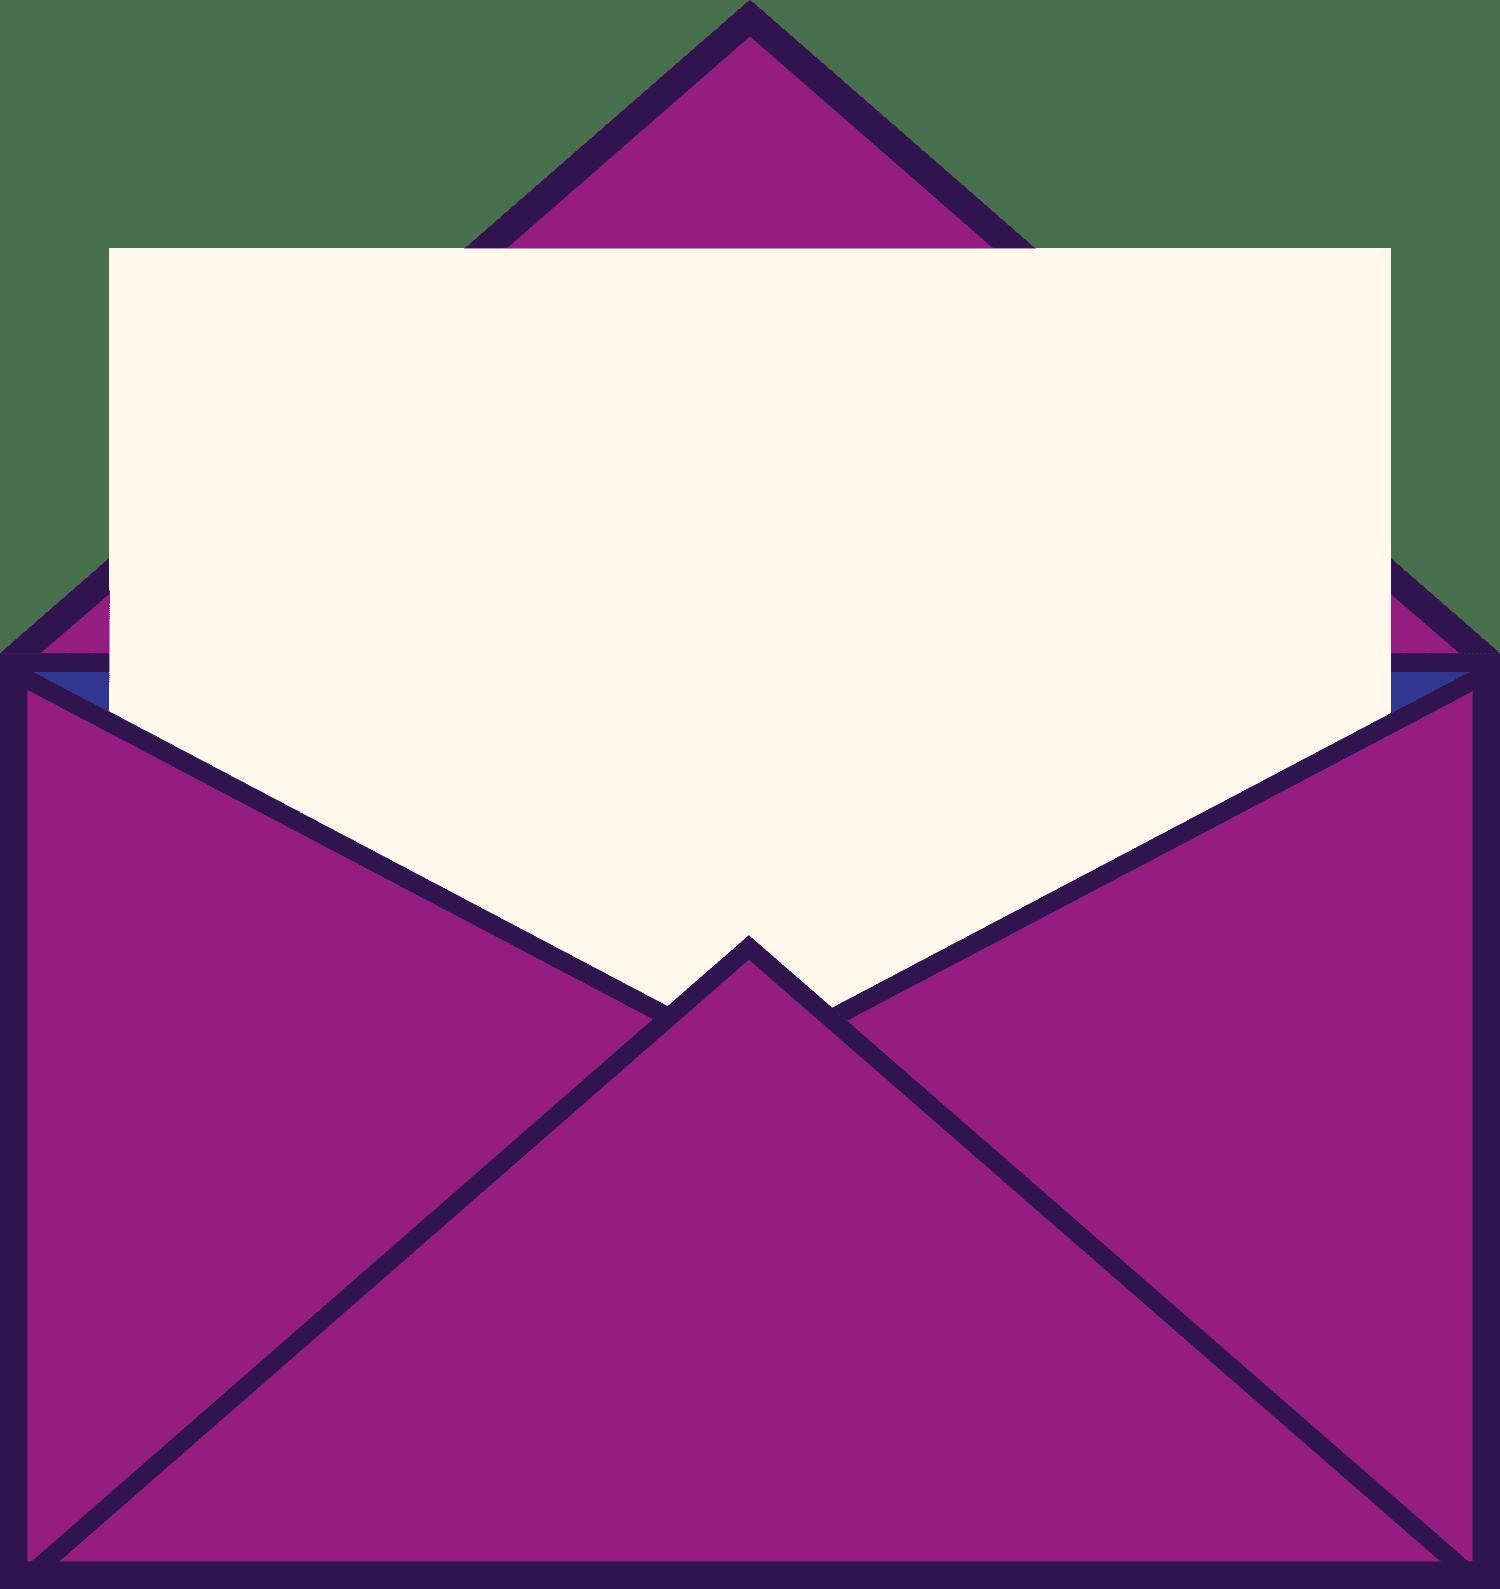 pinker offener Brief